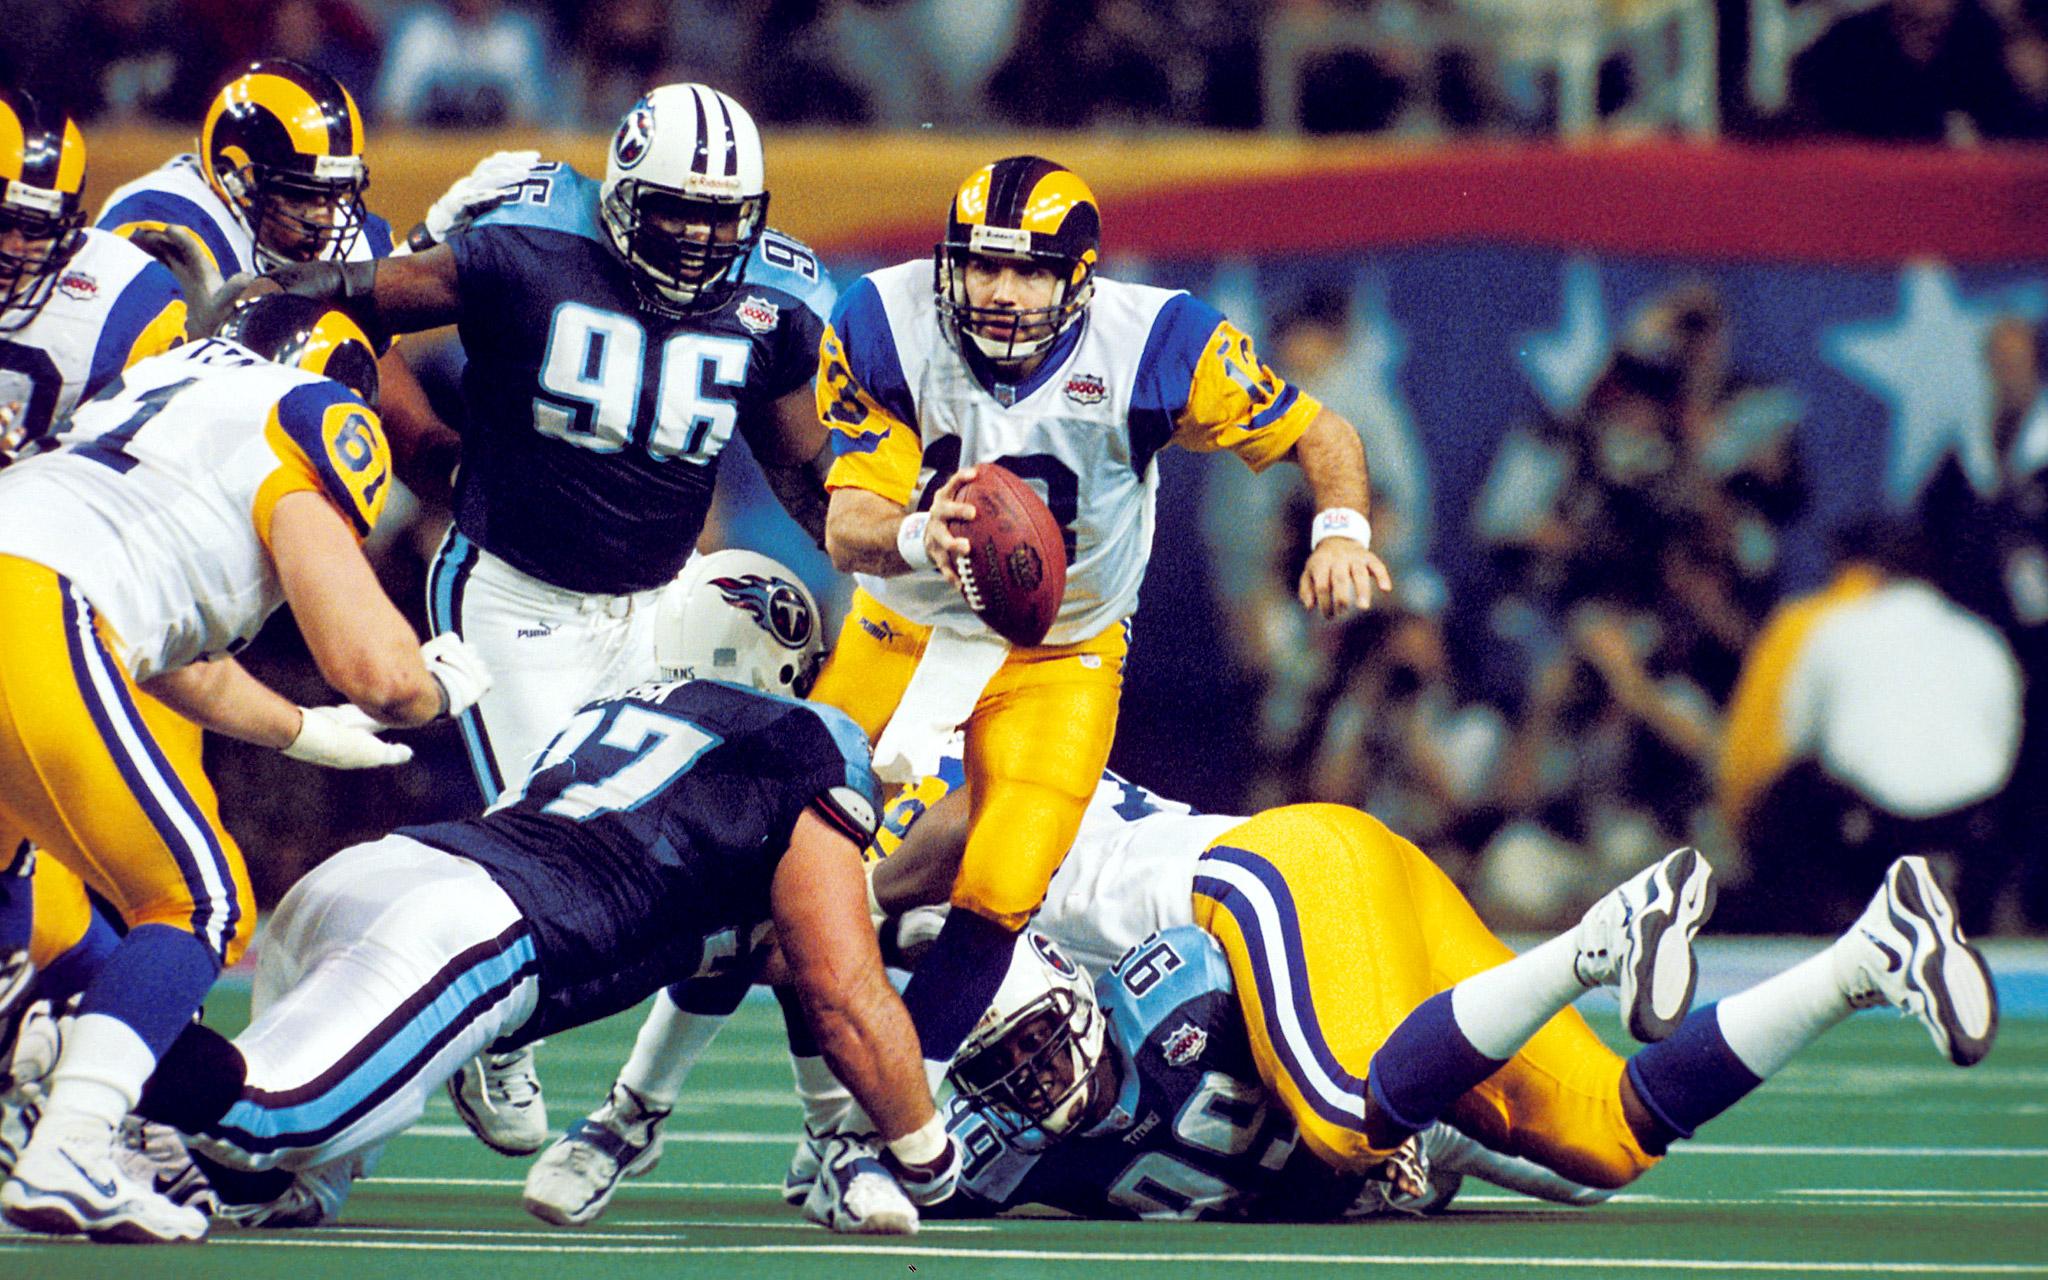 Kurt Warner - Super Bowl XXXIV (24/45, 414 yards, 2 TDs)